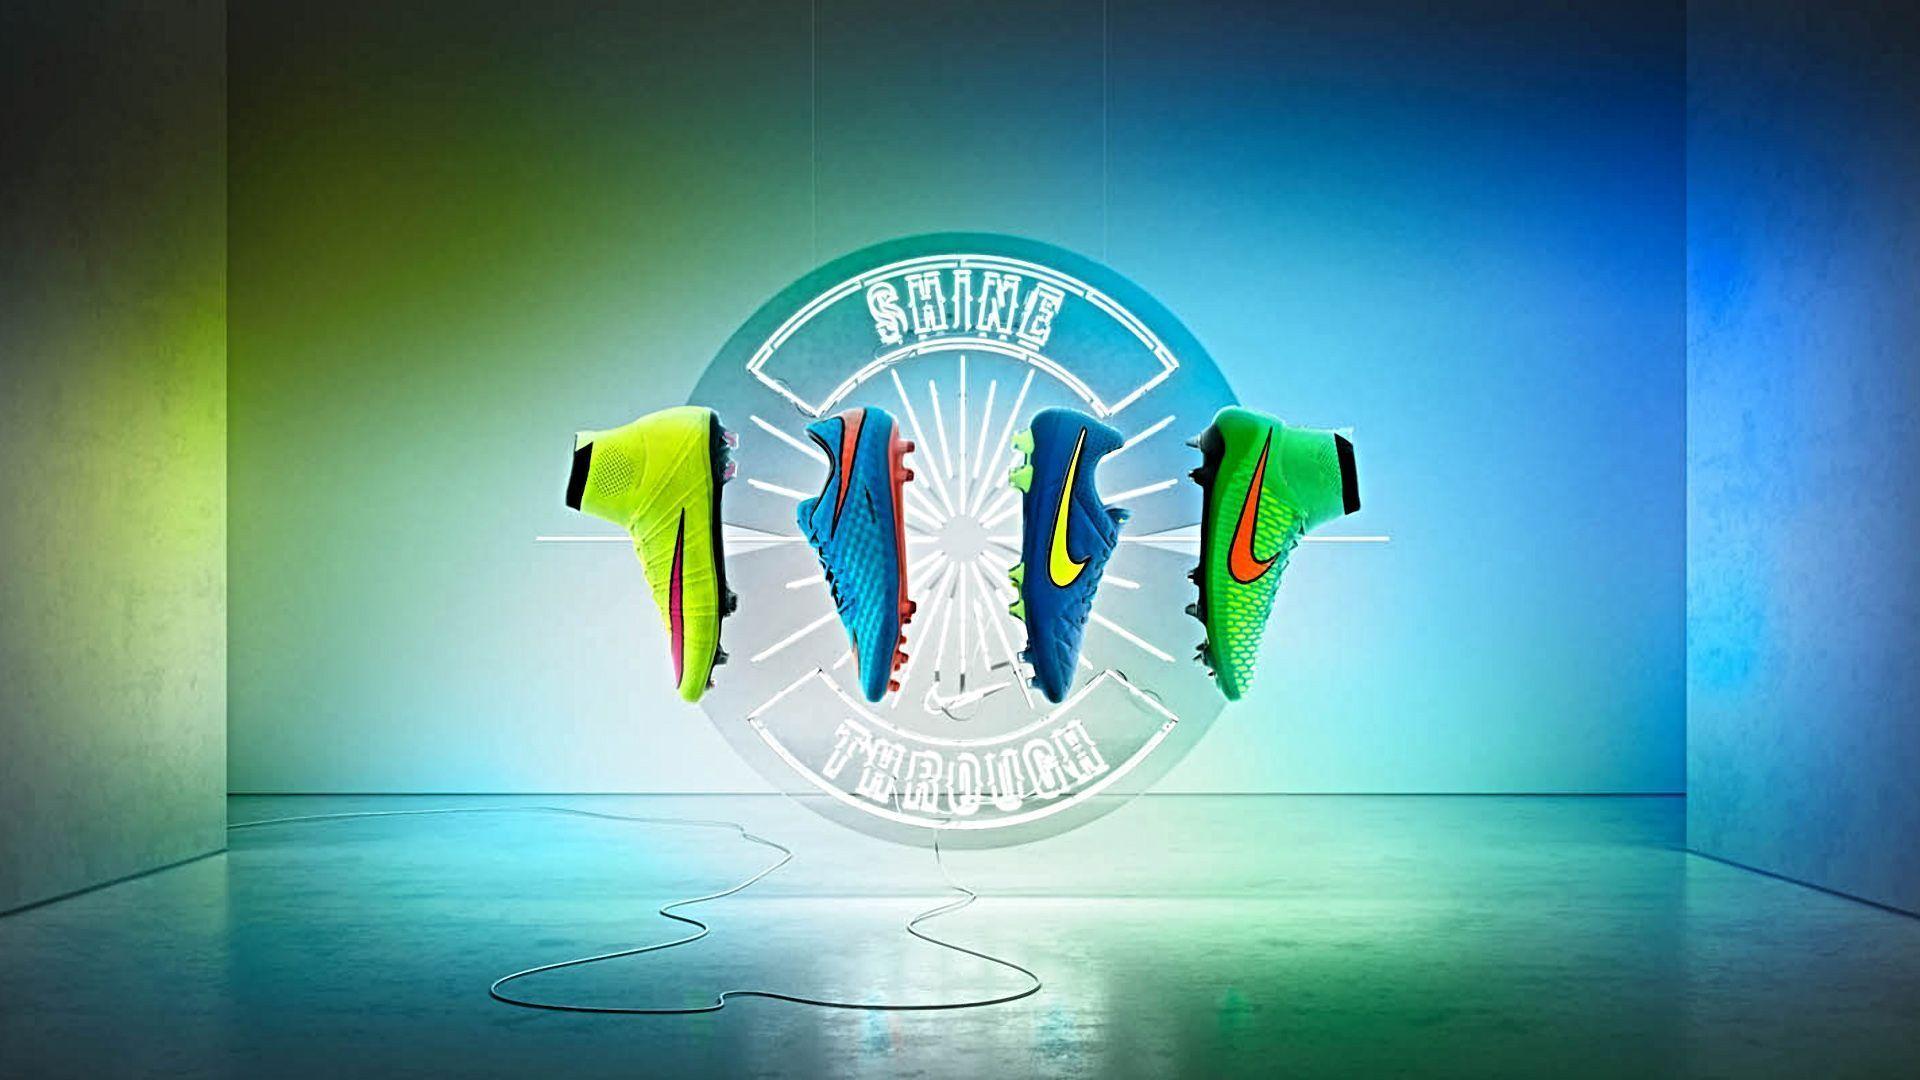 Nike Soccer Wallpaper 1080p 0oa Nike Soccer World Soccer Shop Nike Football